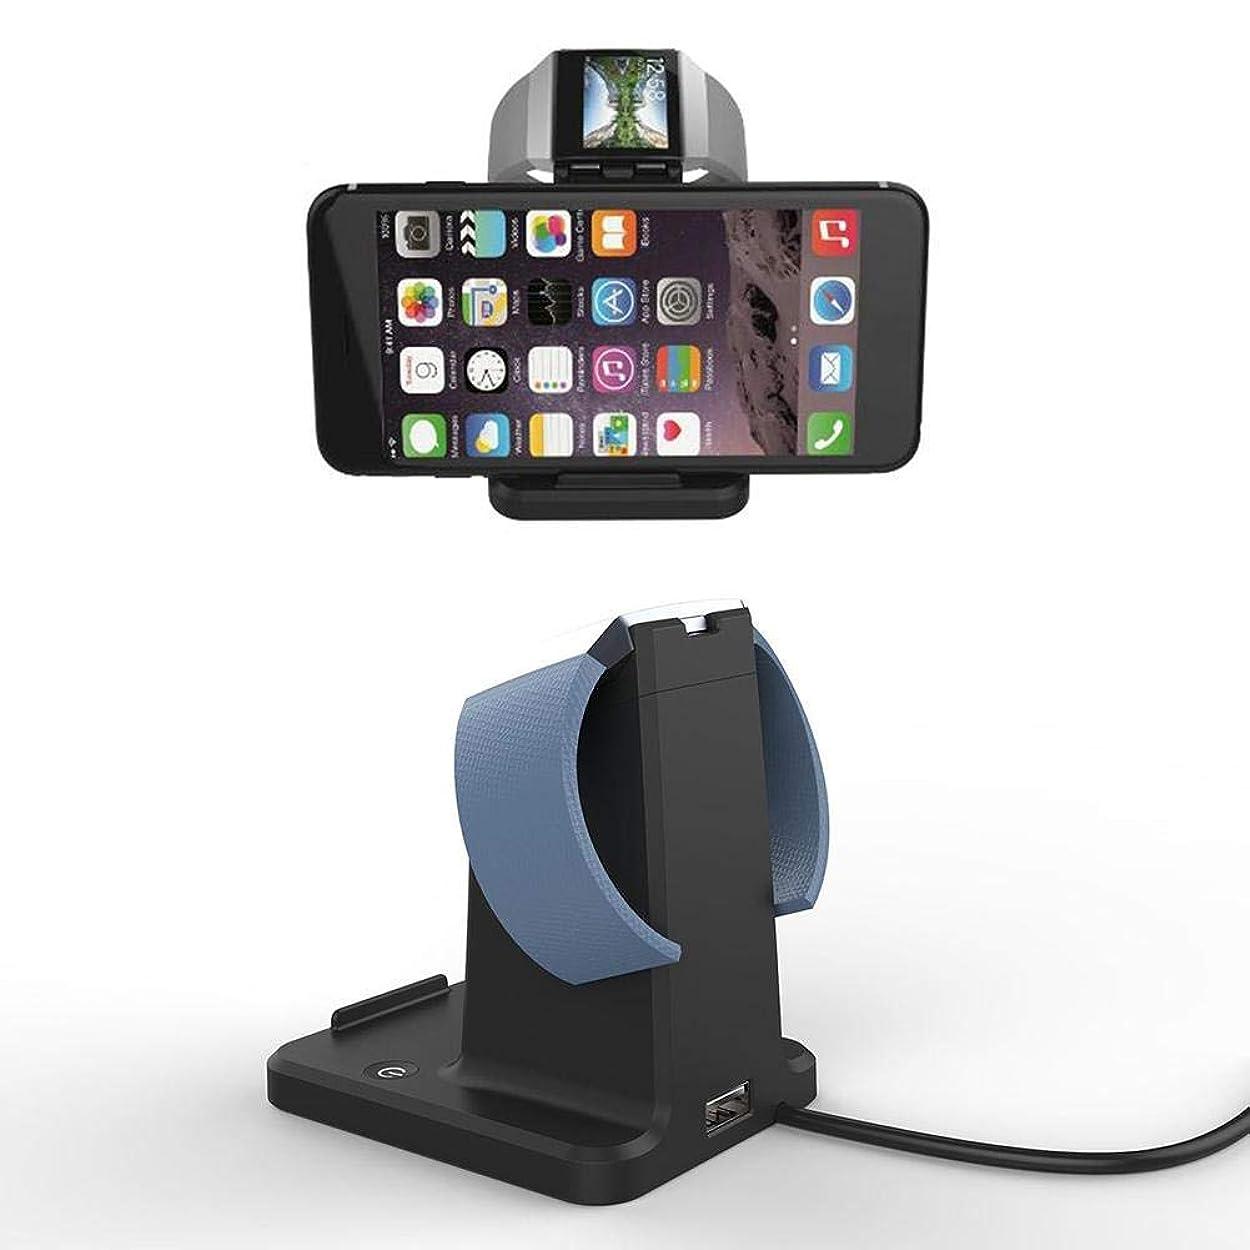 辛な有力者進化するスマートウォッチ充電器Fitbit Ionic Charger 2in1 携帯+ウォッチ 充電器 磁気充電ブラケット 急速充電器 スマートウォッチ充電器 ワイヤレス電源 大容量ポータブル 時計充電器